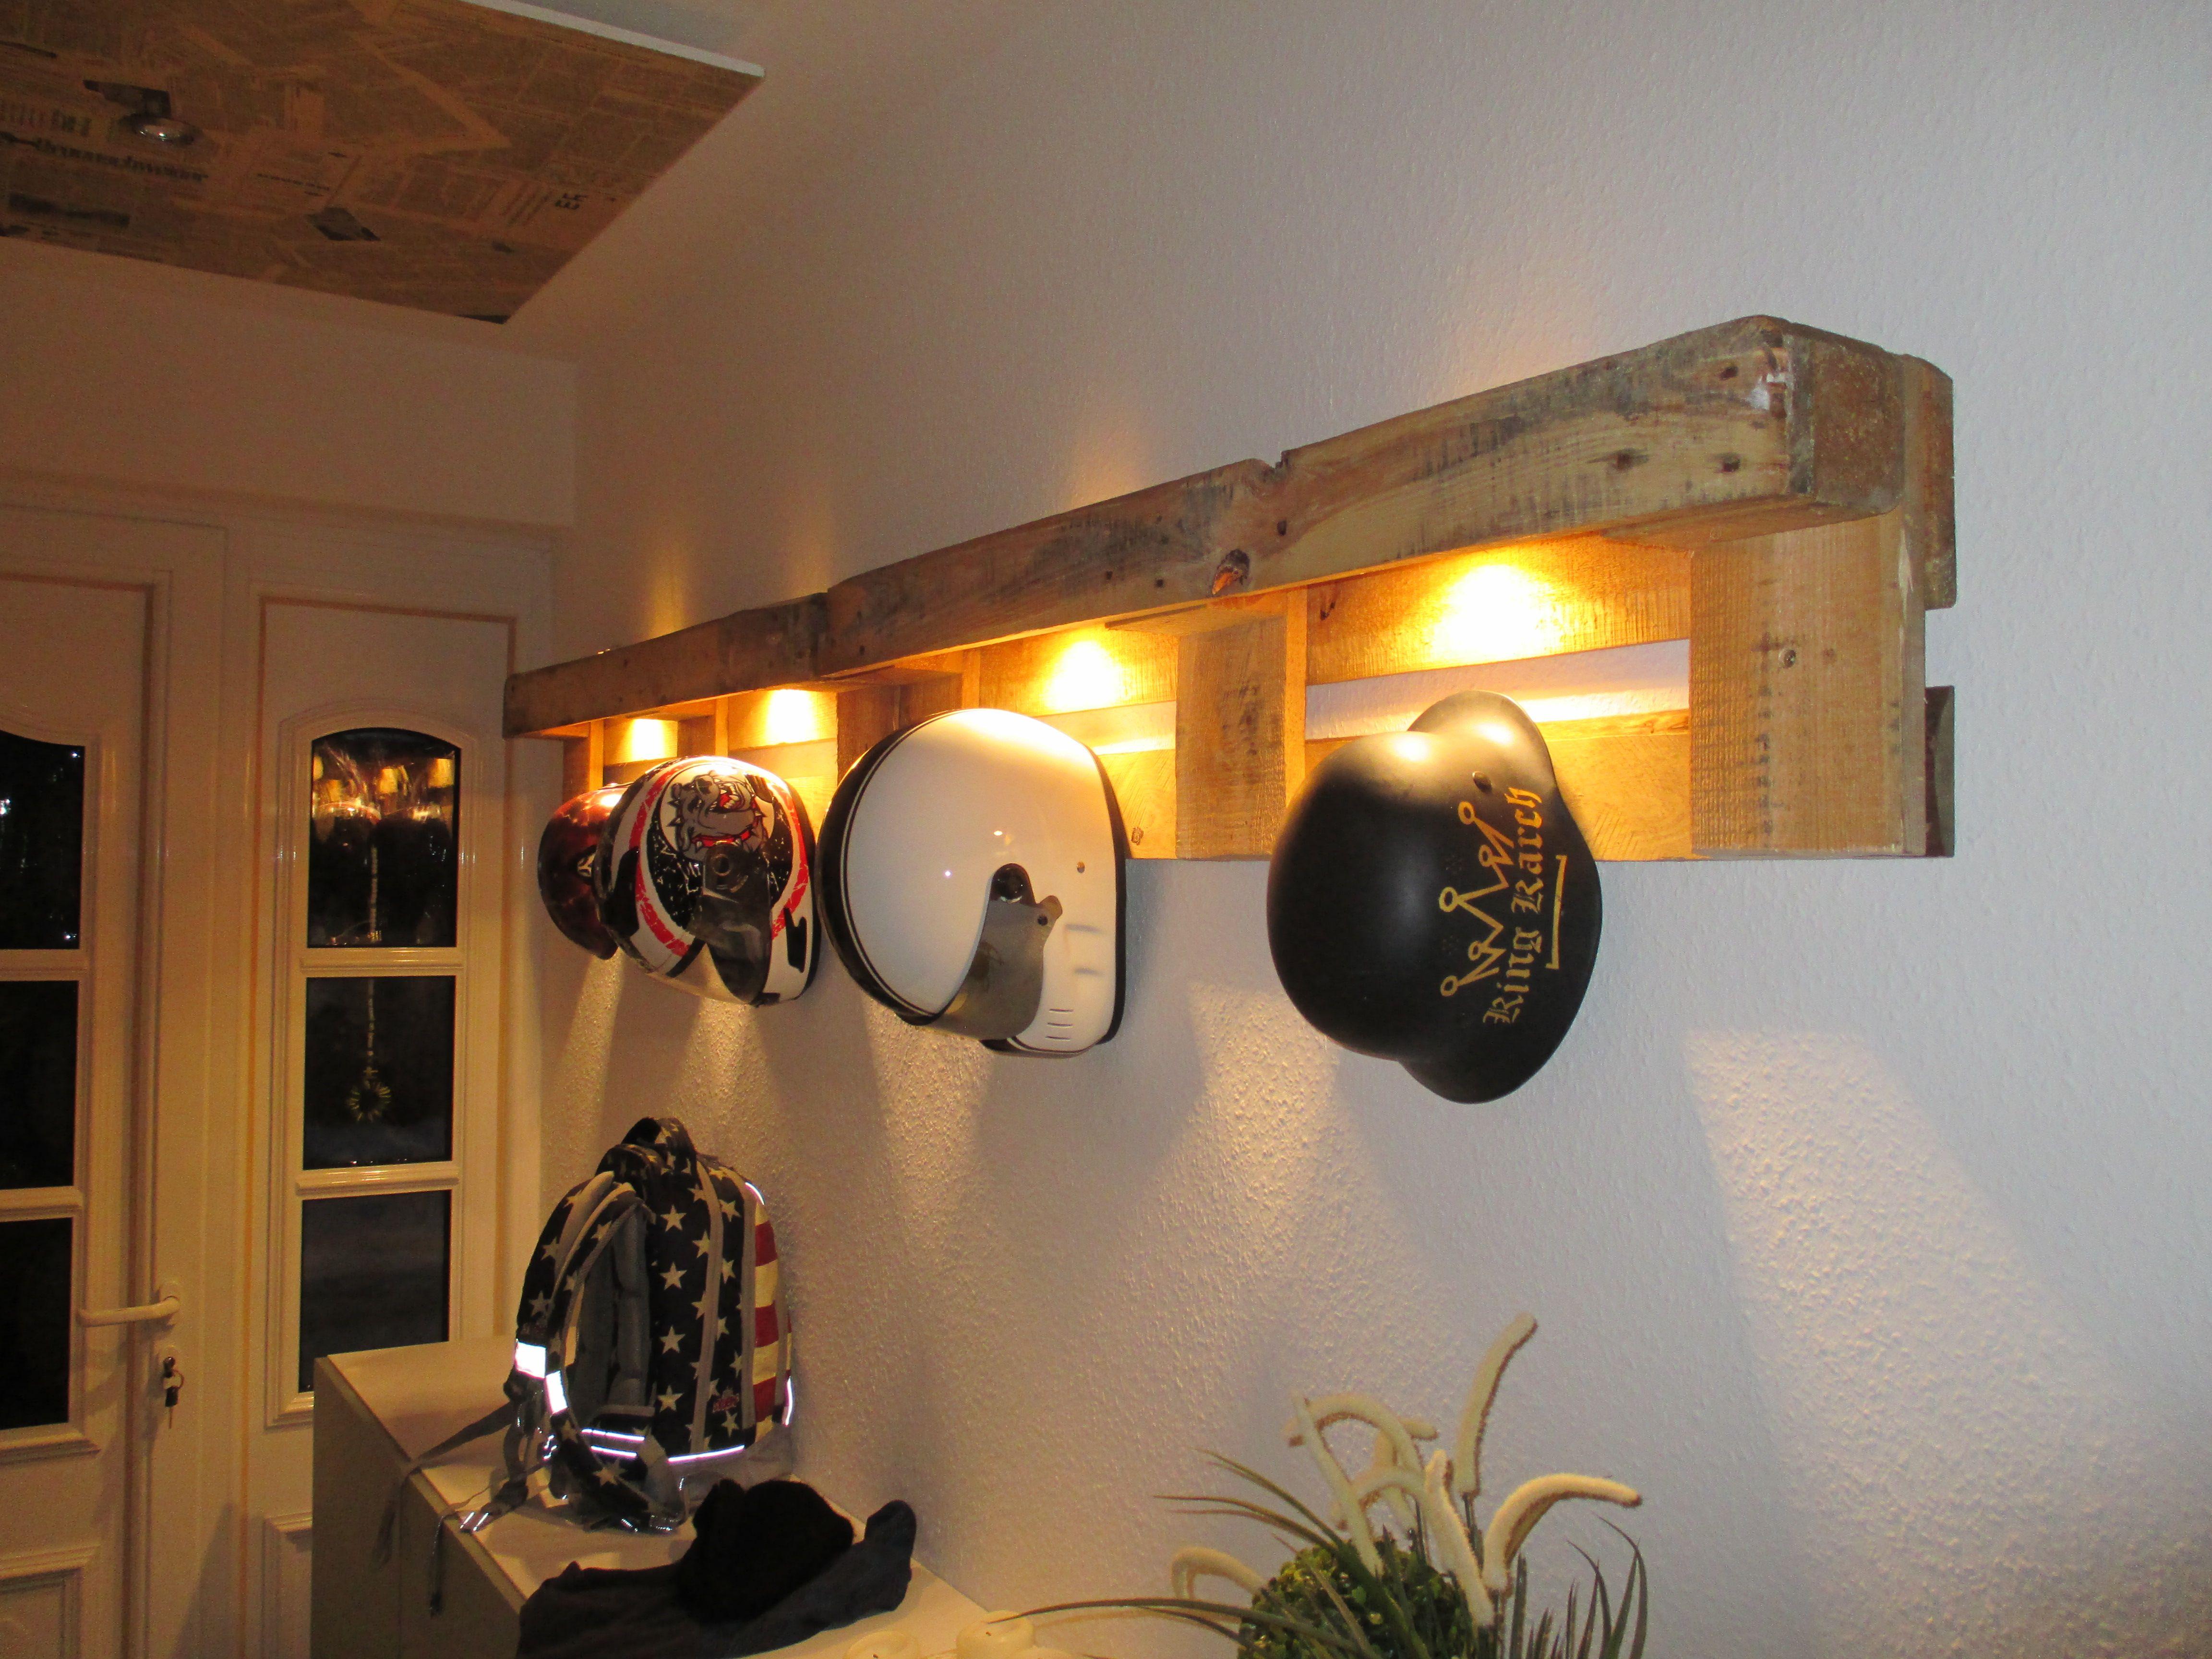 Einfache Dekoration Und Mobel Raeume Mit Licht Gestalten Led Sei Dank #20: Helmhalter Aus Europaletten Mit Integrierter LED Beleuchtung